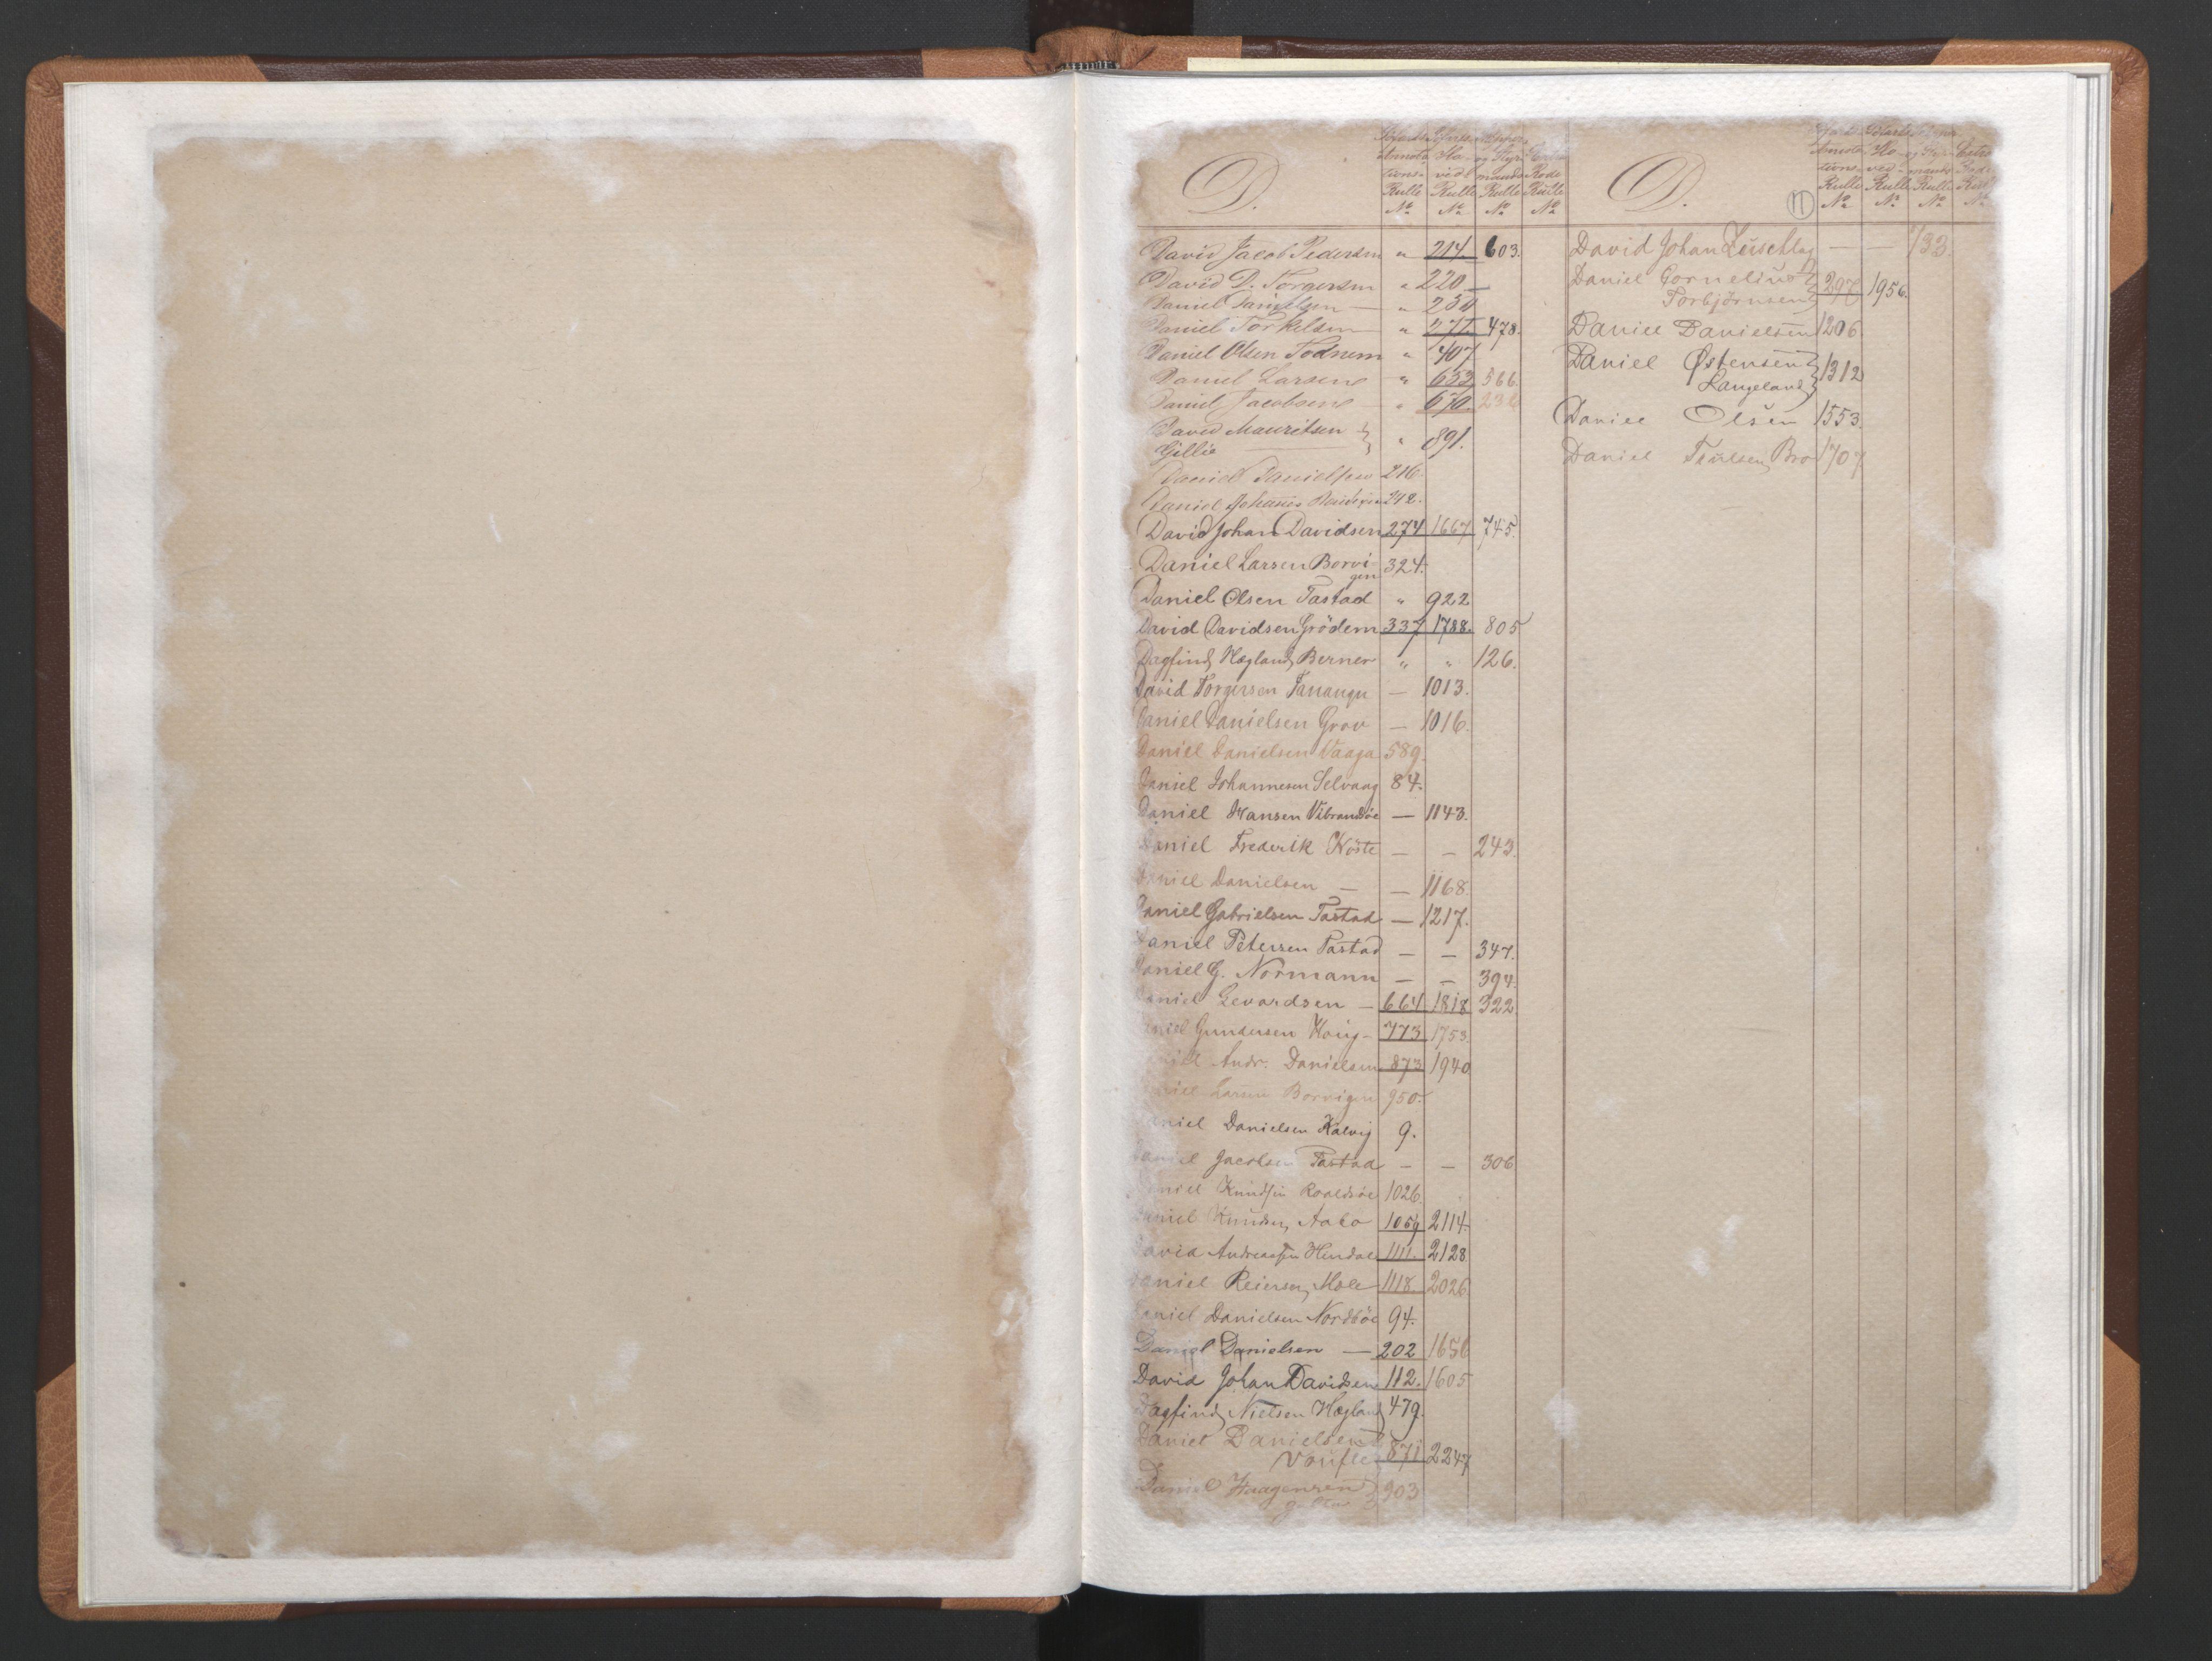 SAST, Stavanger sjømannskontor, F/Fb/Fba/L0002: Navneregister sjøfartsruller, 1860-1869, s. 12